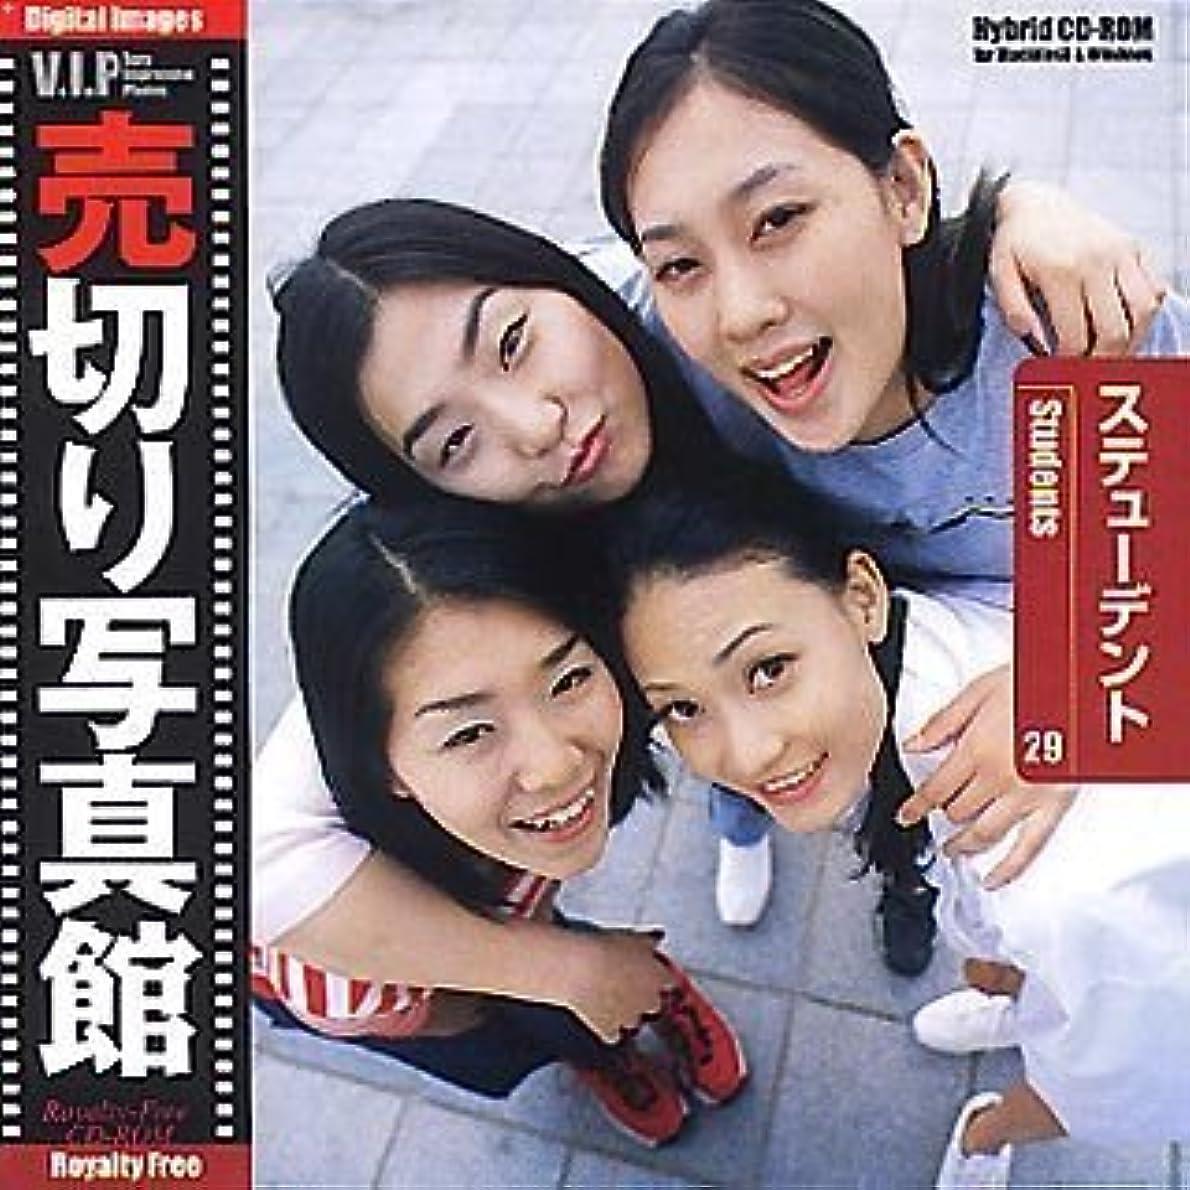 インフレーション人差し指誘発する売切り写真館 VIPシリーズ Vol.29 ステューデント